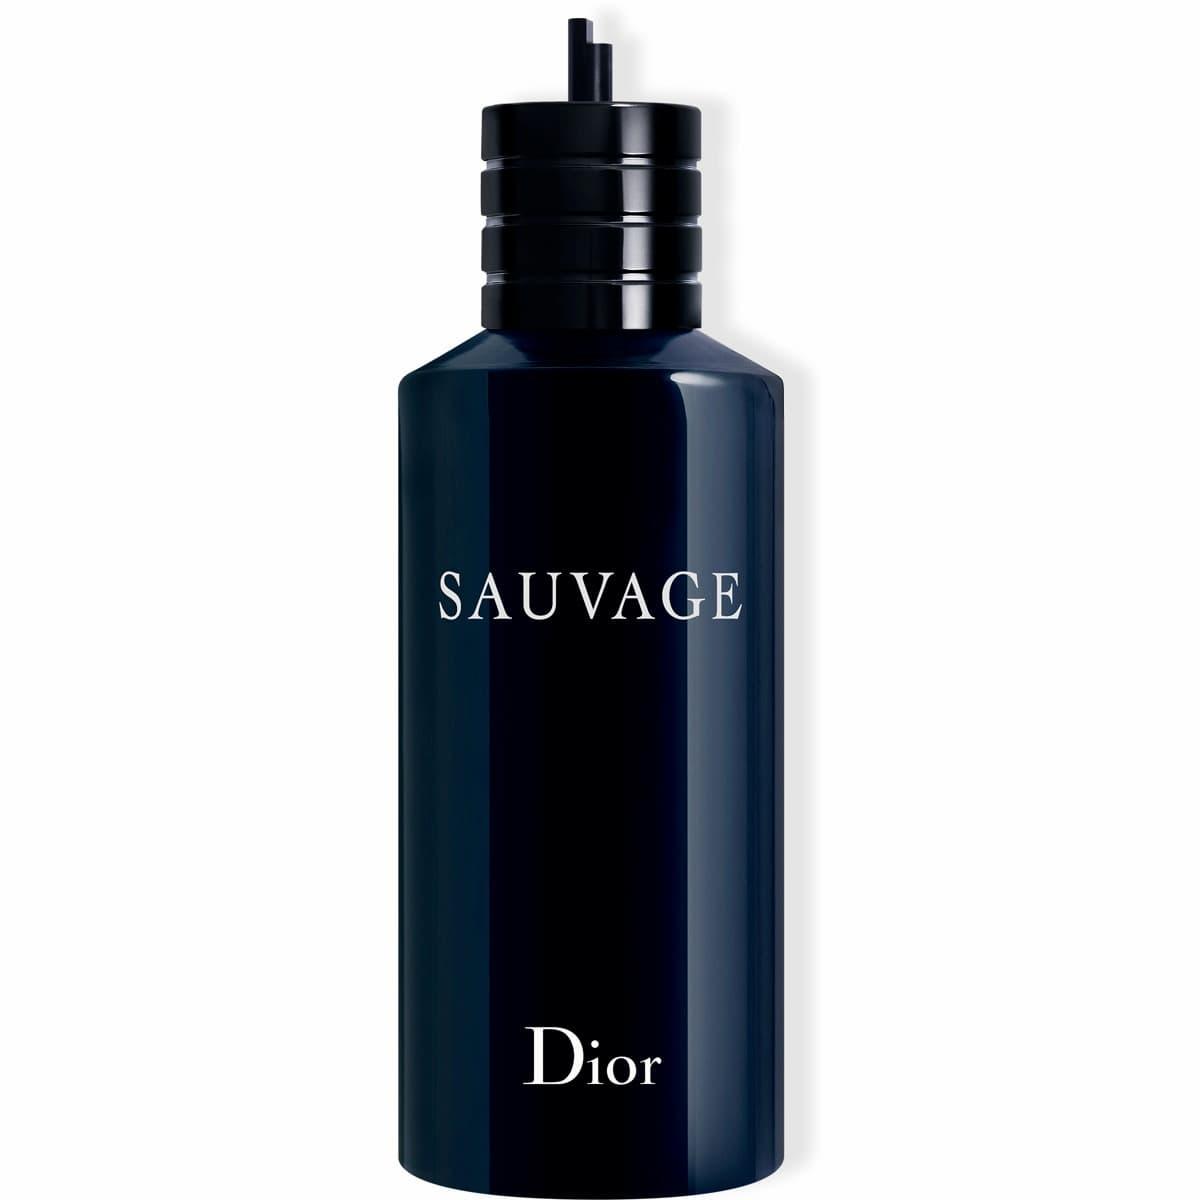 Dior - Sauvage - Recharge Eau de Toilette